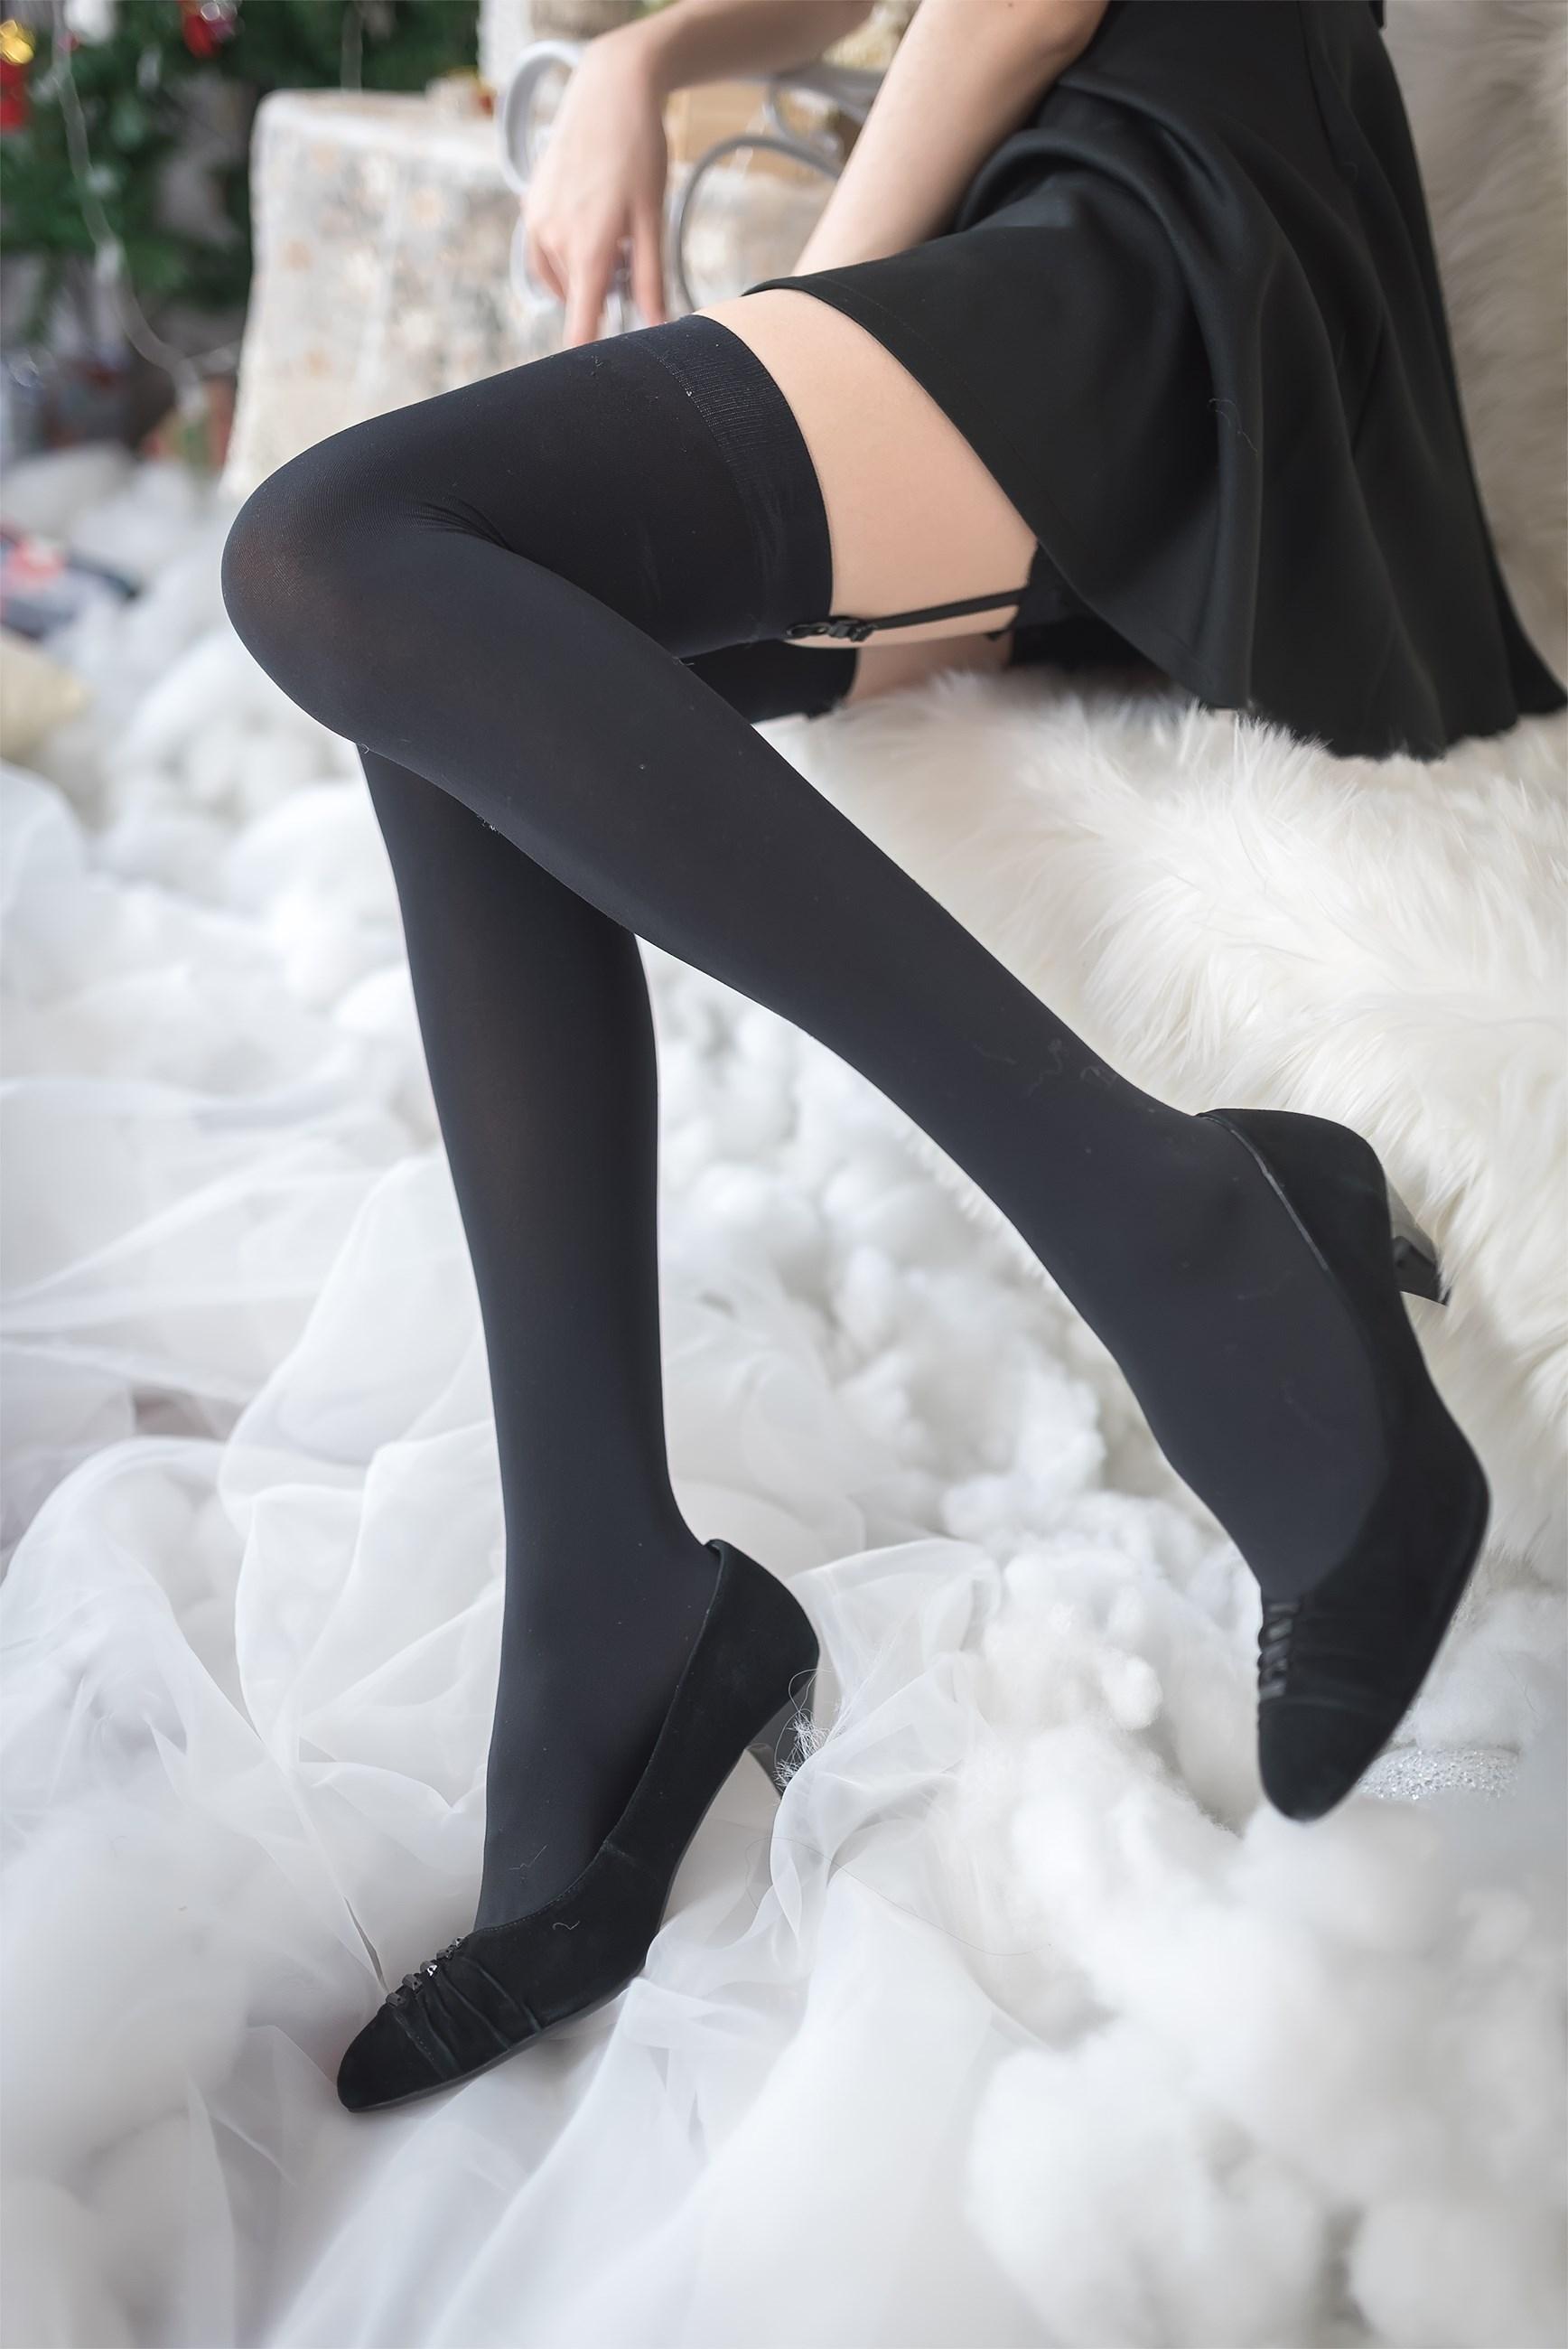 【兔玩映画】吊带 · 丝袜 · 天使 兔玩映画 第4张